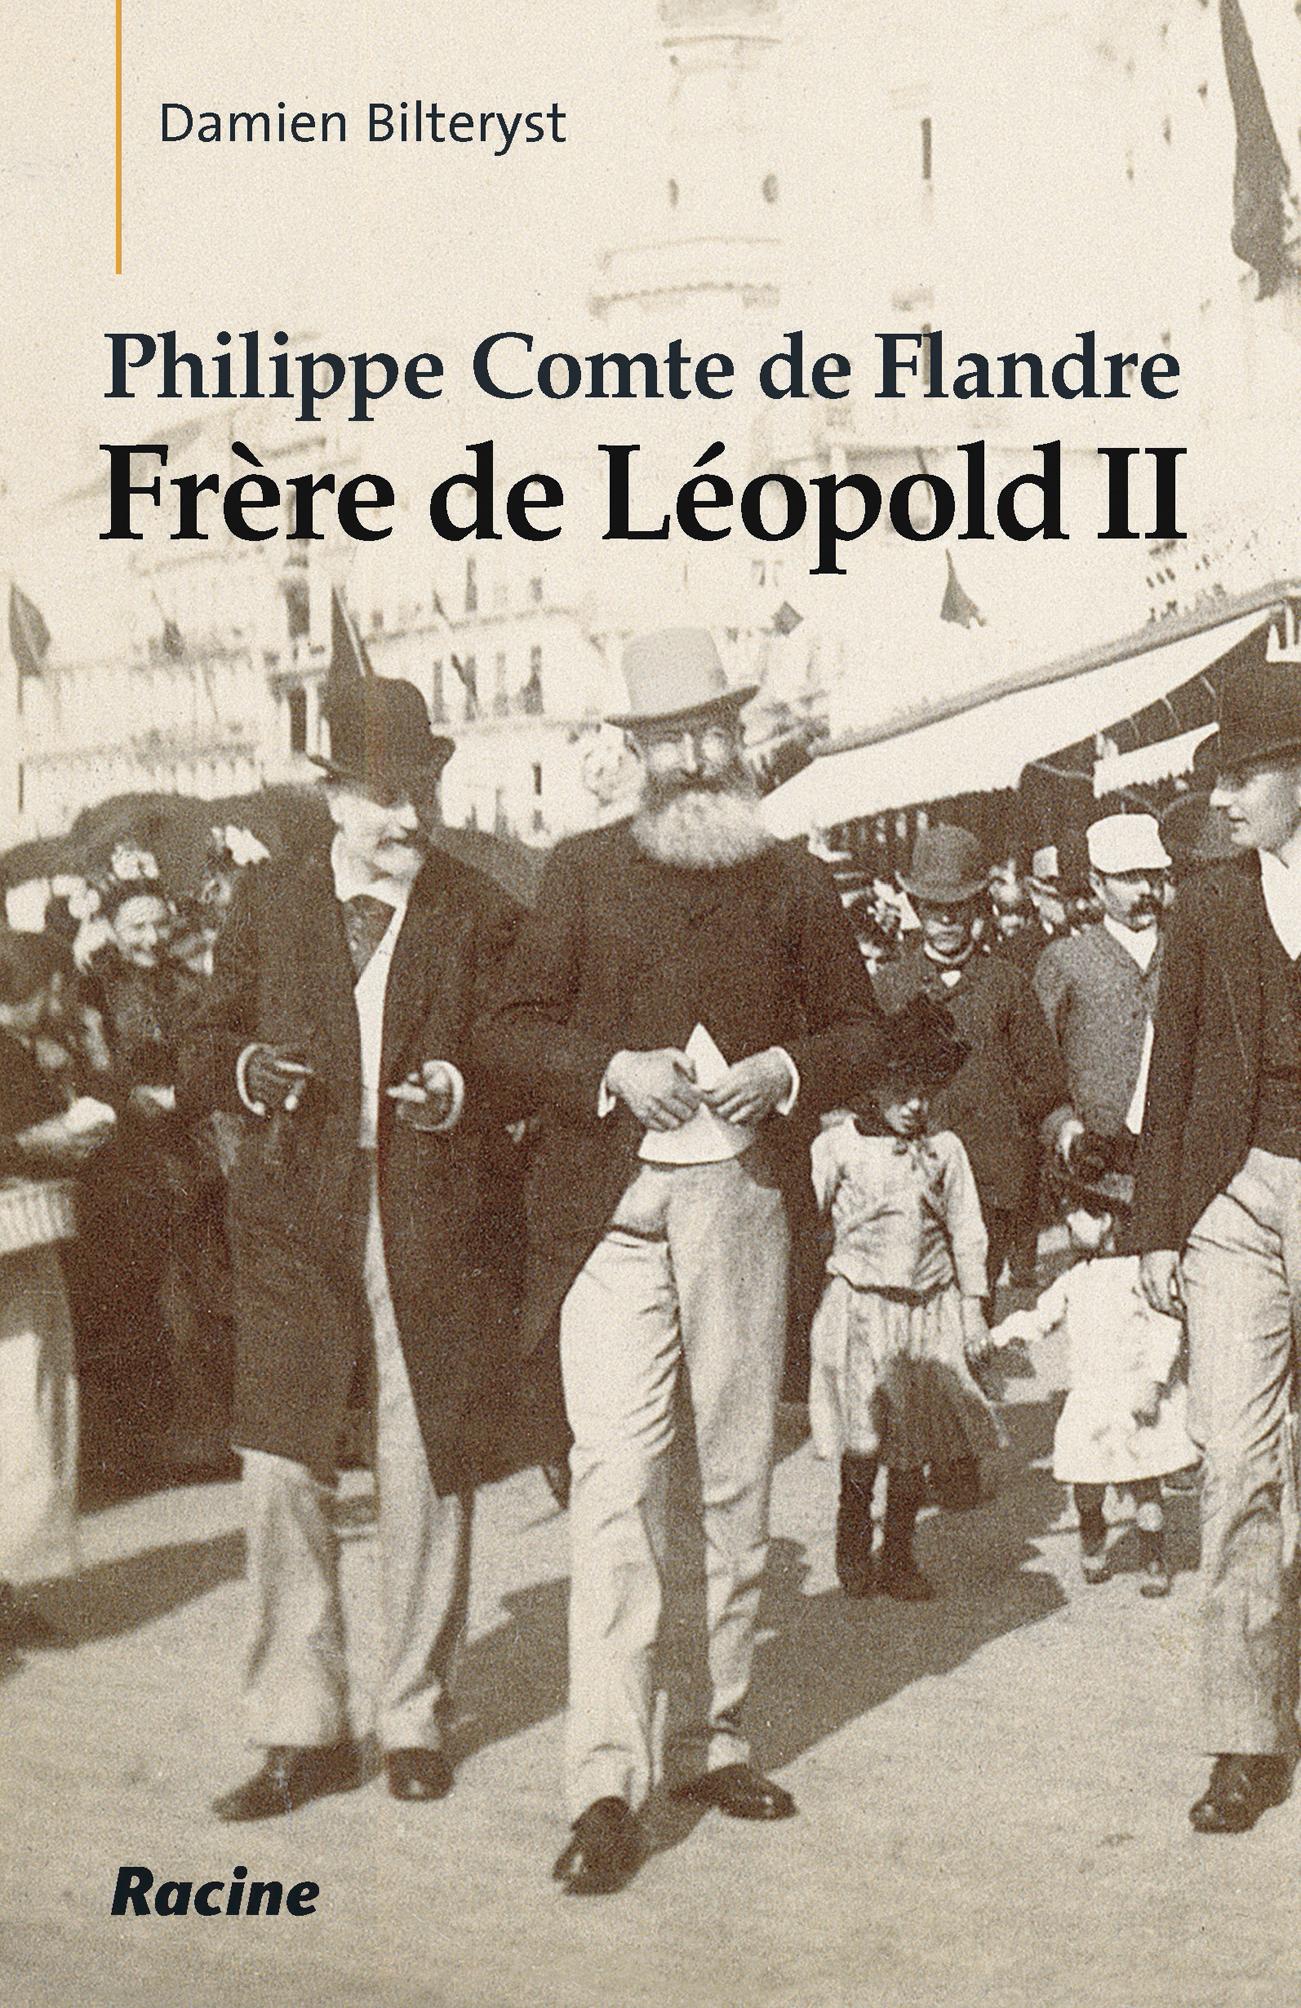 Discours de leopold ii aux missionnaires pdf